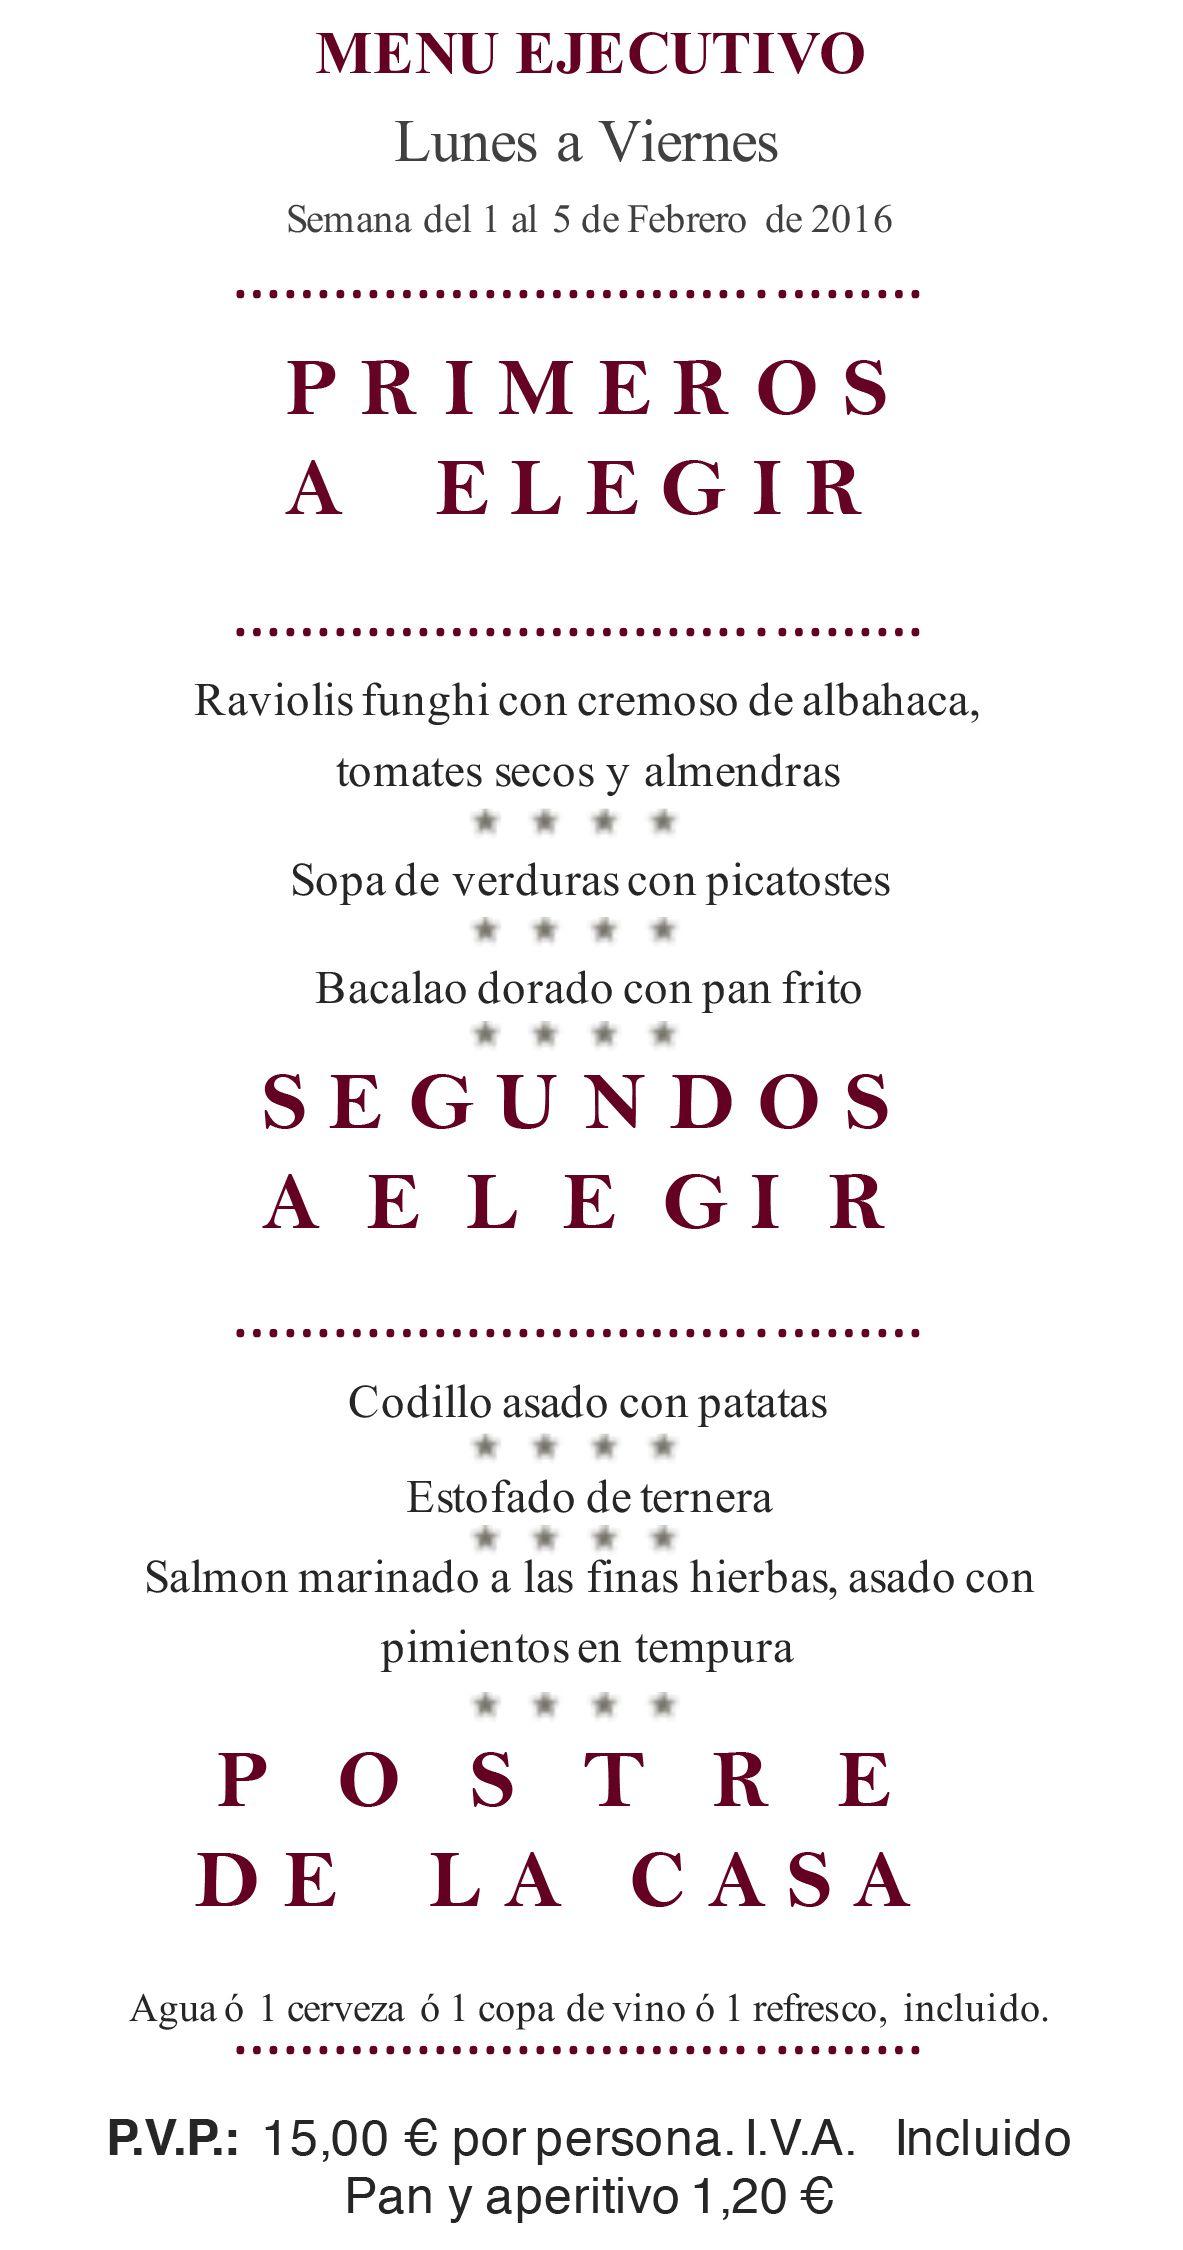 Pin De Las Bovedas Badajoz En Exquisiteces Restaurante Las Bovedas